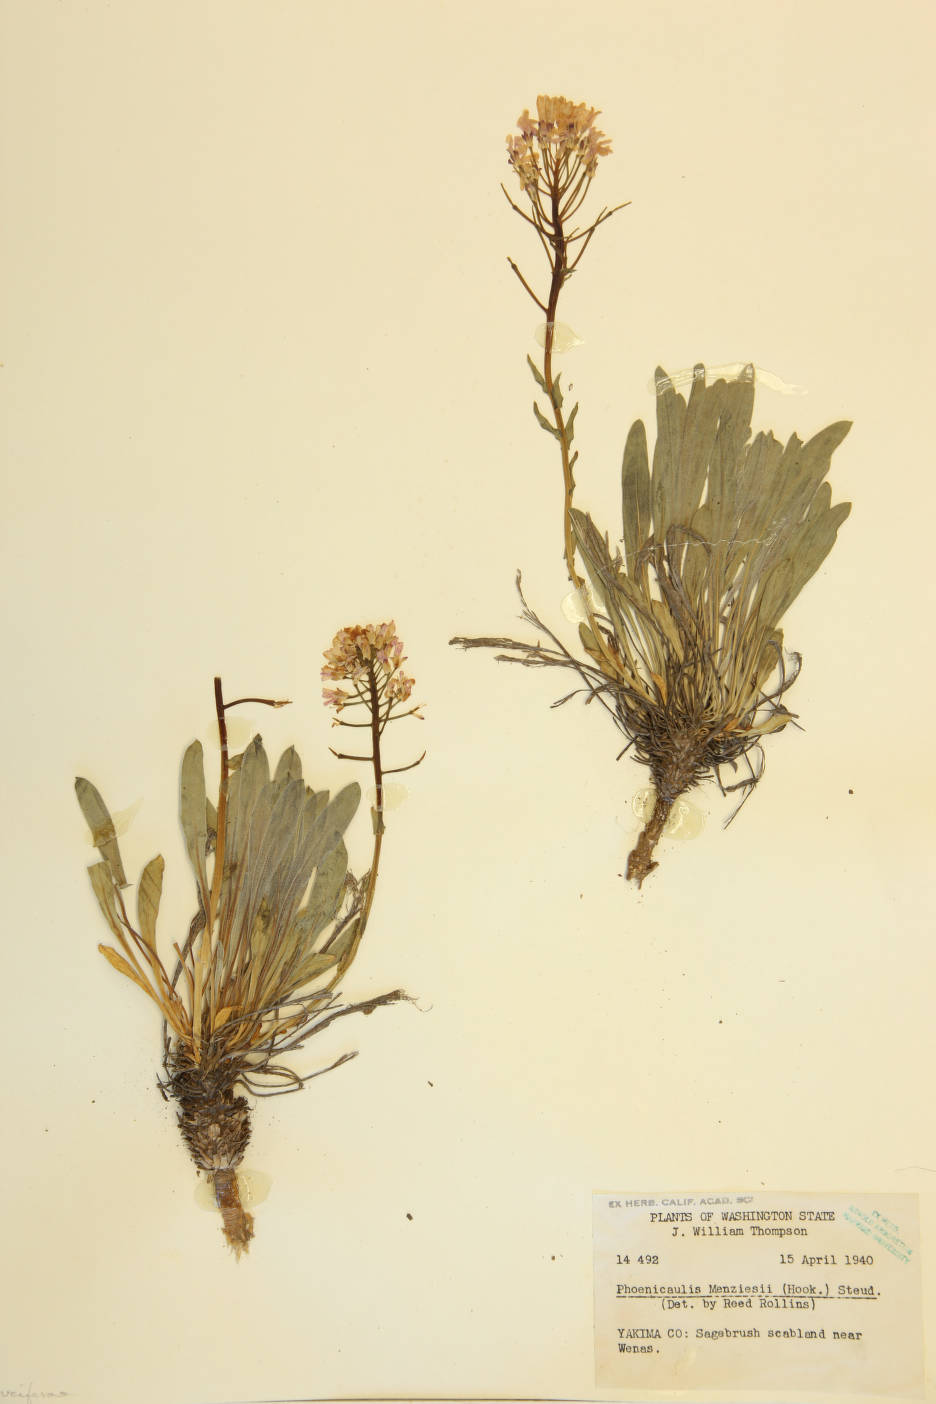 Image of Phoenicaulis menziesii